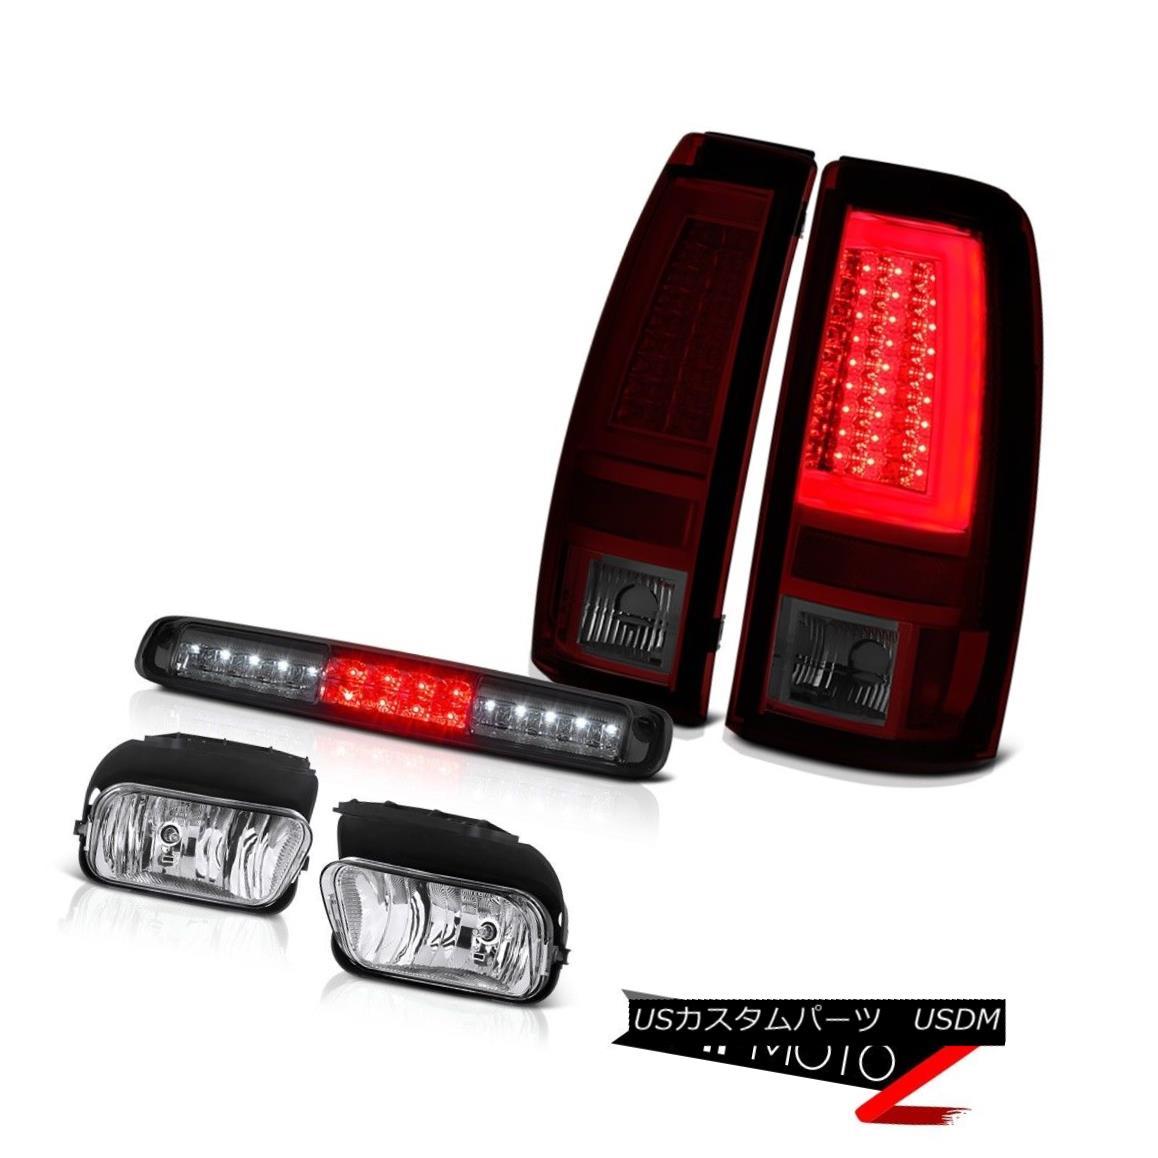 テールライト 2003-2006 Silverado Red Smoke Tail Lights Foglights Roof Cargo Light Tron Style 2003年?2006年シルヴェラドレッド煙テールライトフォグライト屋根カーゴライトトロンスタイル